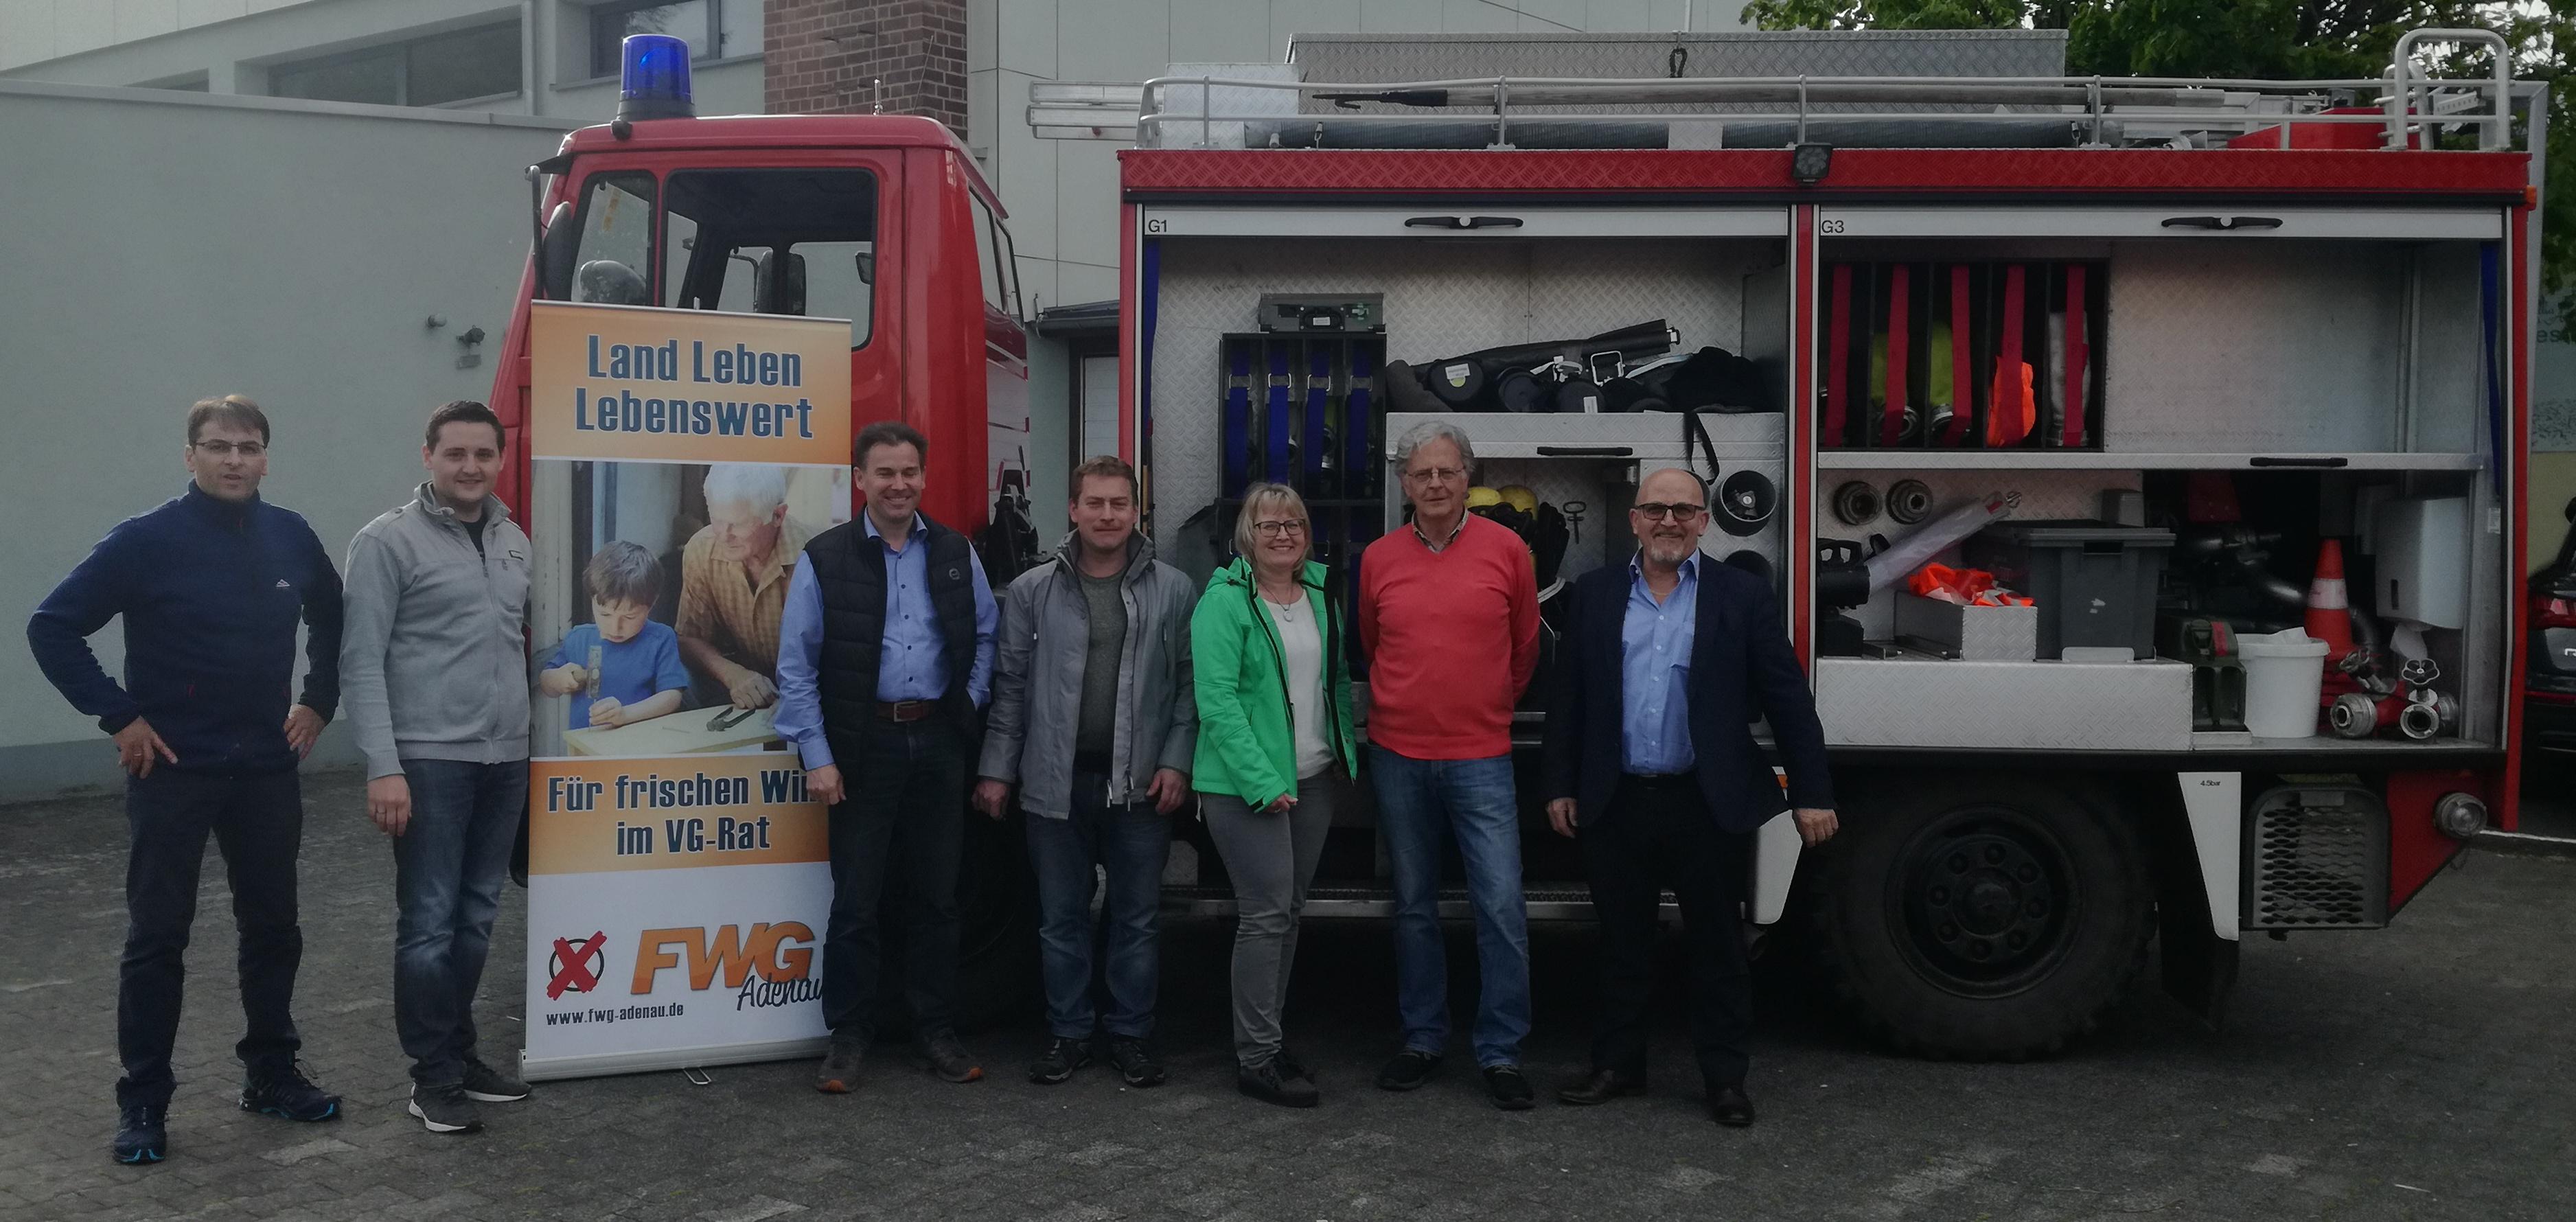 FWG-Adenau-Besuch-Freiwillige-Feuerwehr-Verbandsgemeinde-Adenau-2019